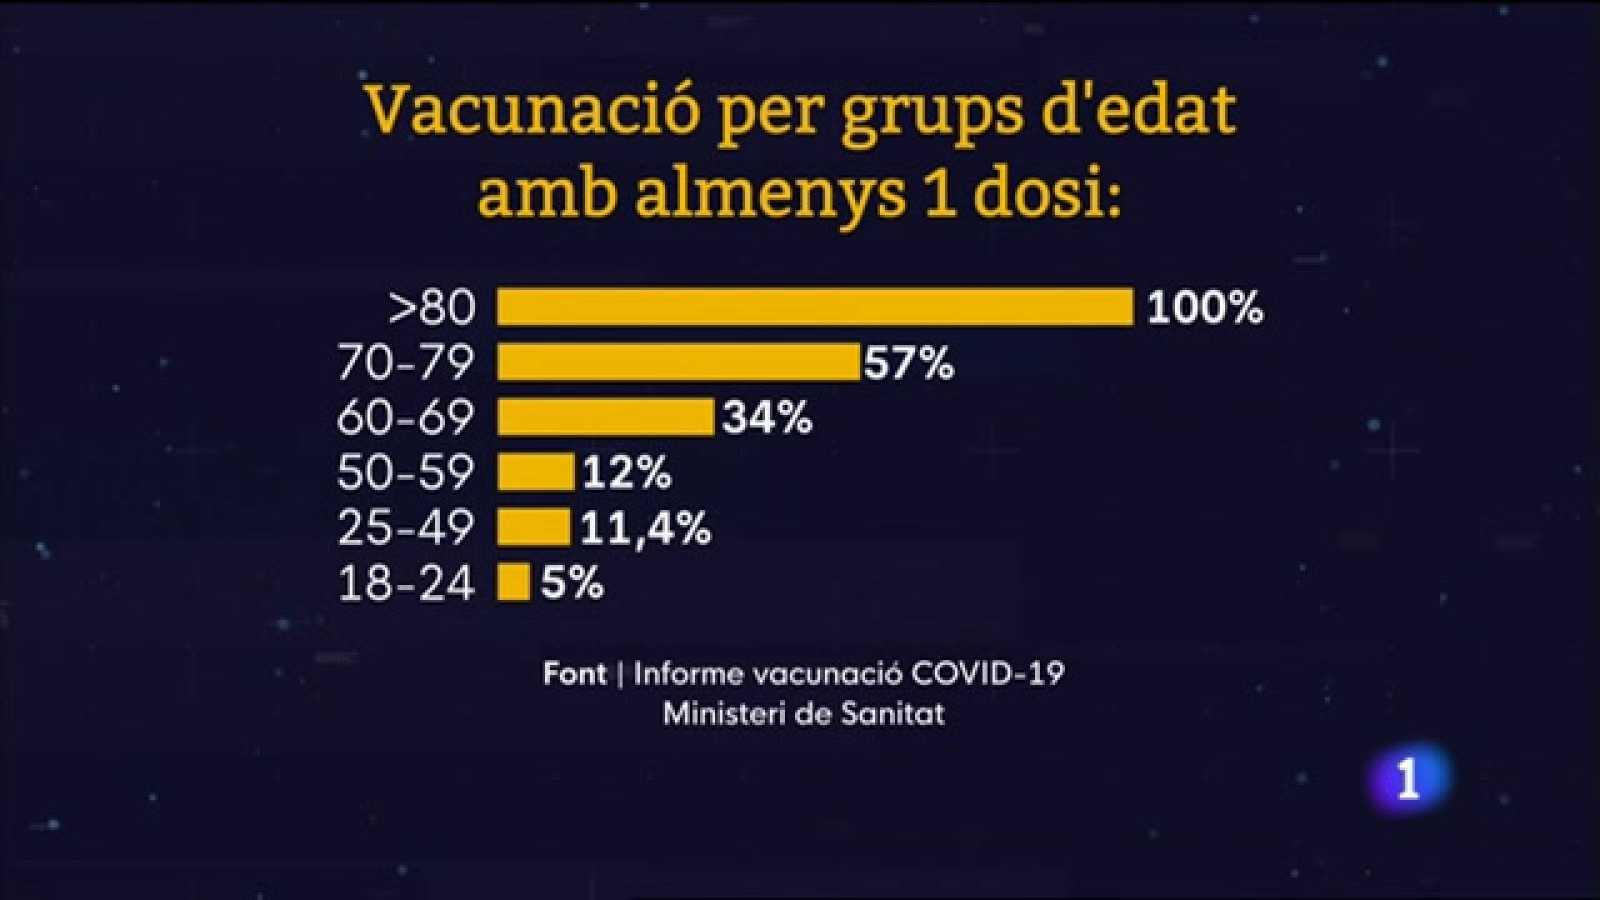 L'Informatiu Comunitat Valenciana 2 - 26/04/21 ver ahora